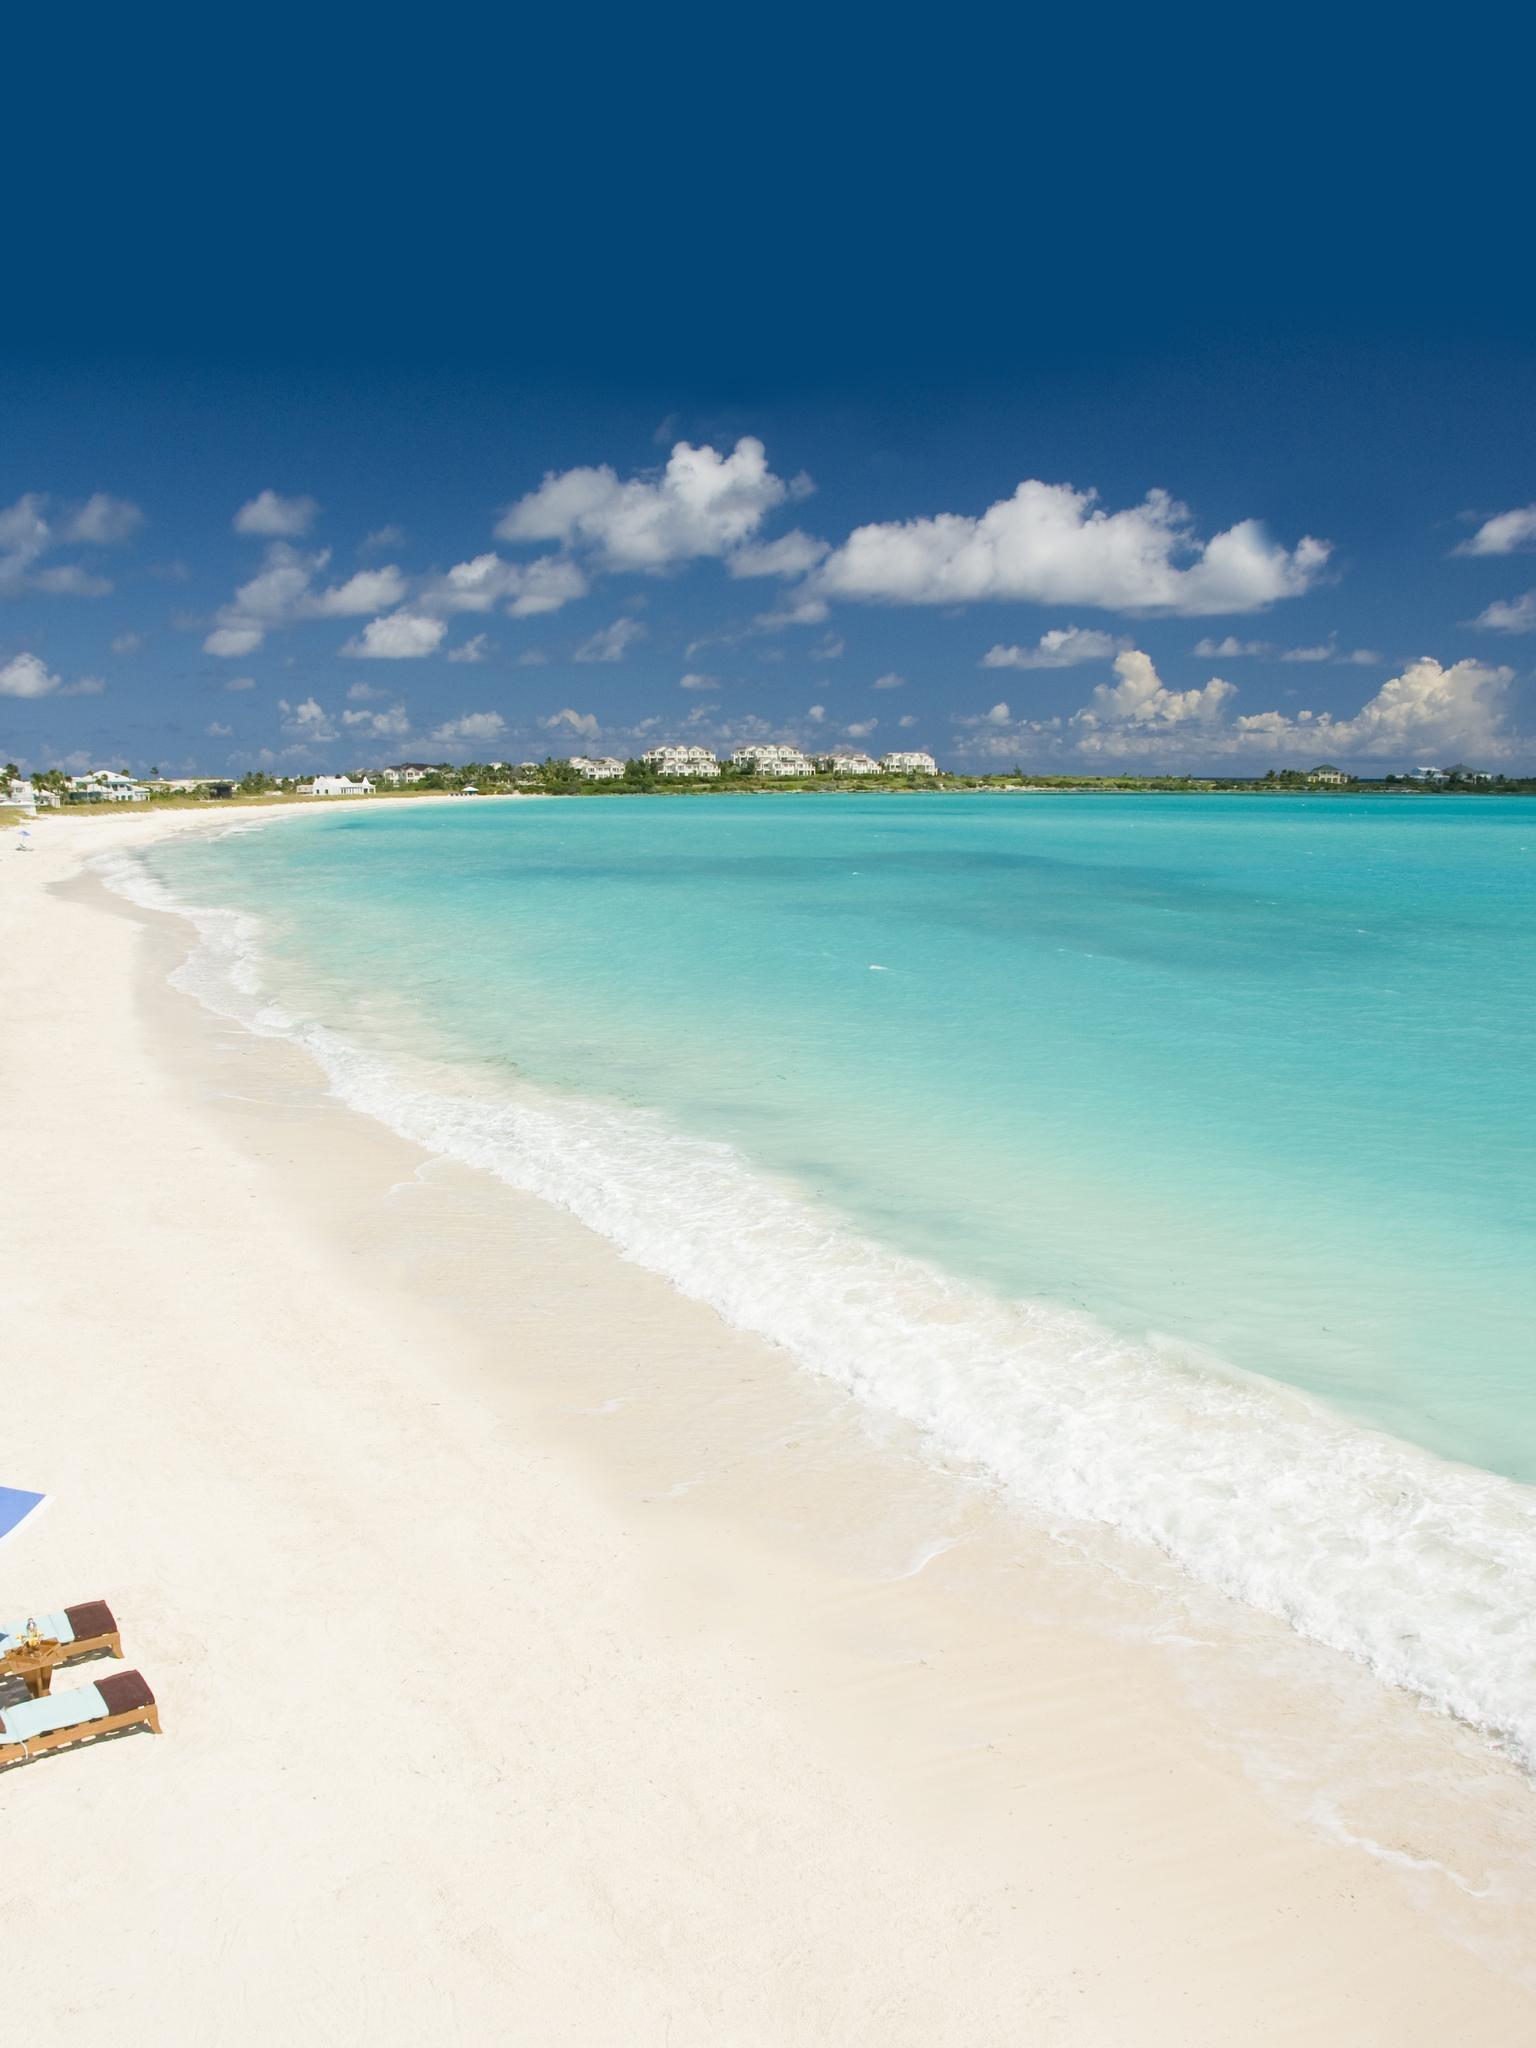 Free Download Caribbean Beach Ipad Air Wallpaper Download